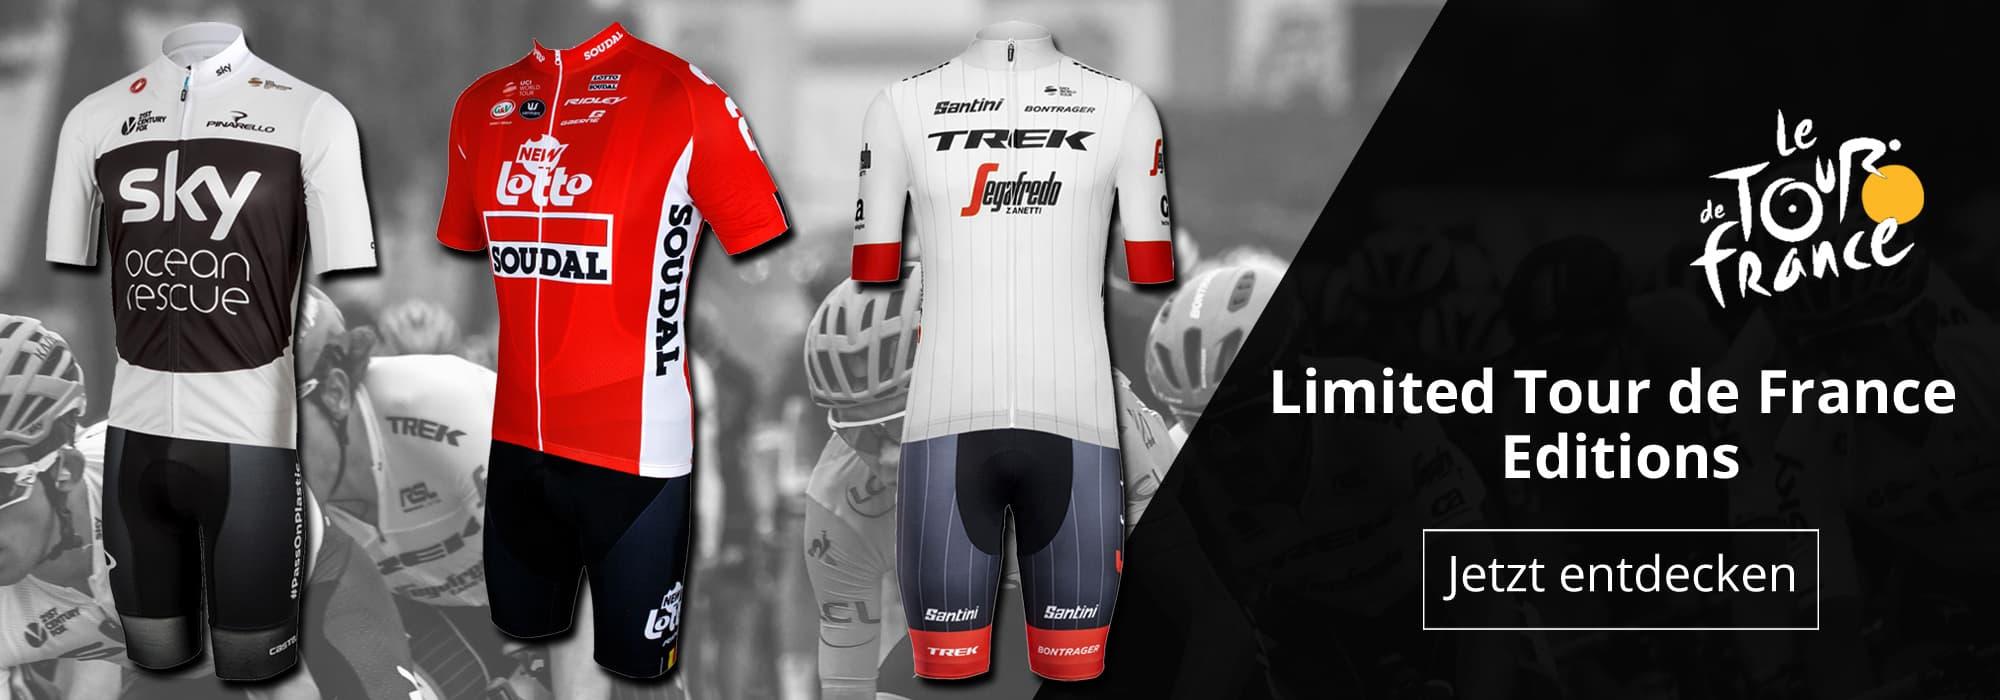 Limitierte Tour de France Editions 2018